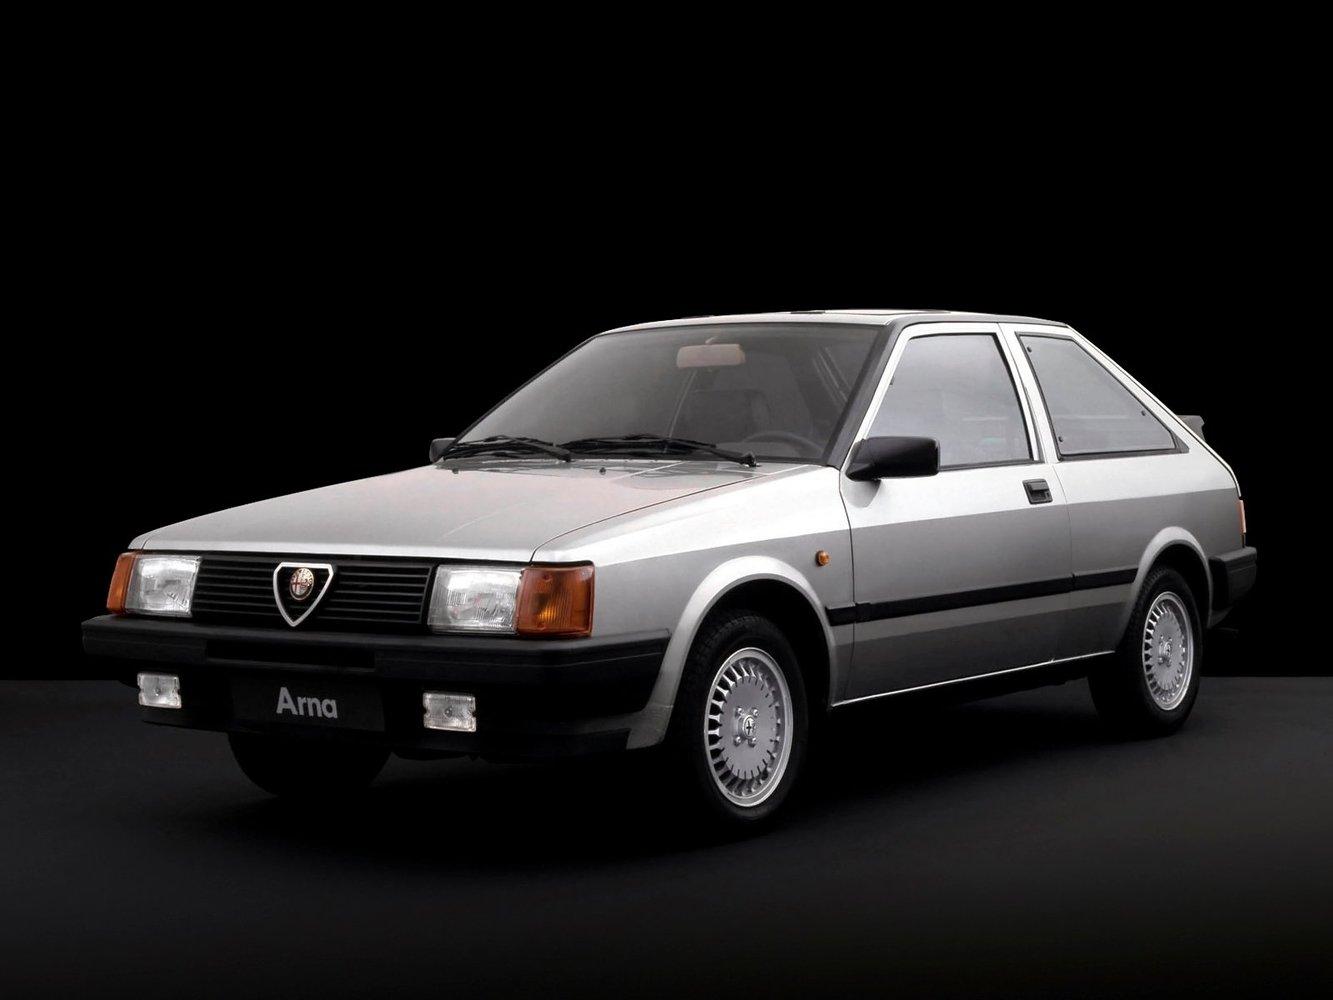 alfa_romeo Alfa Romeo Arna